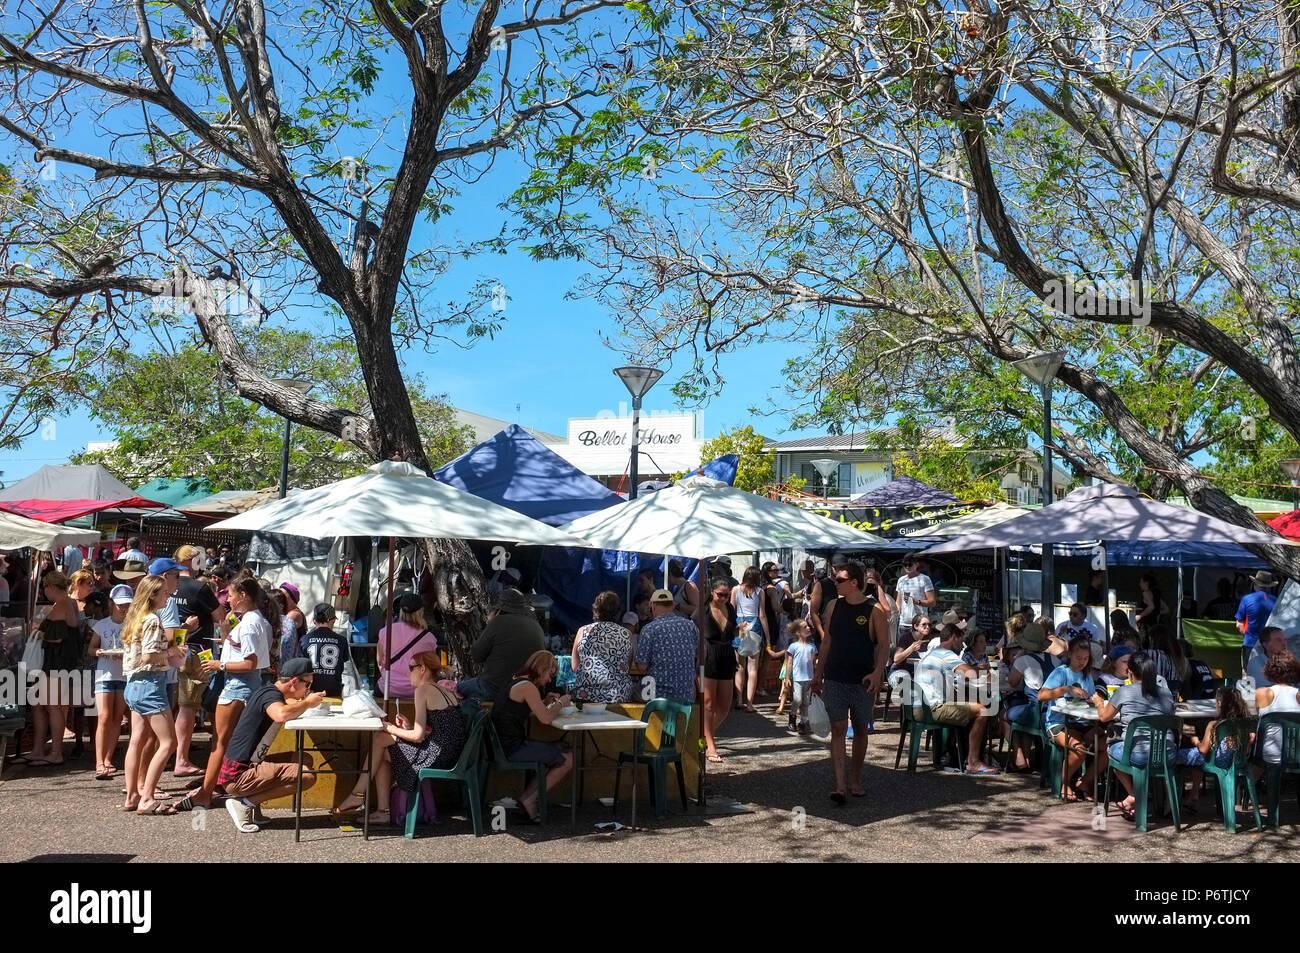 people-enjoying-the-parap-market-in-darw